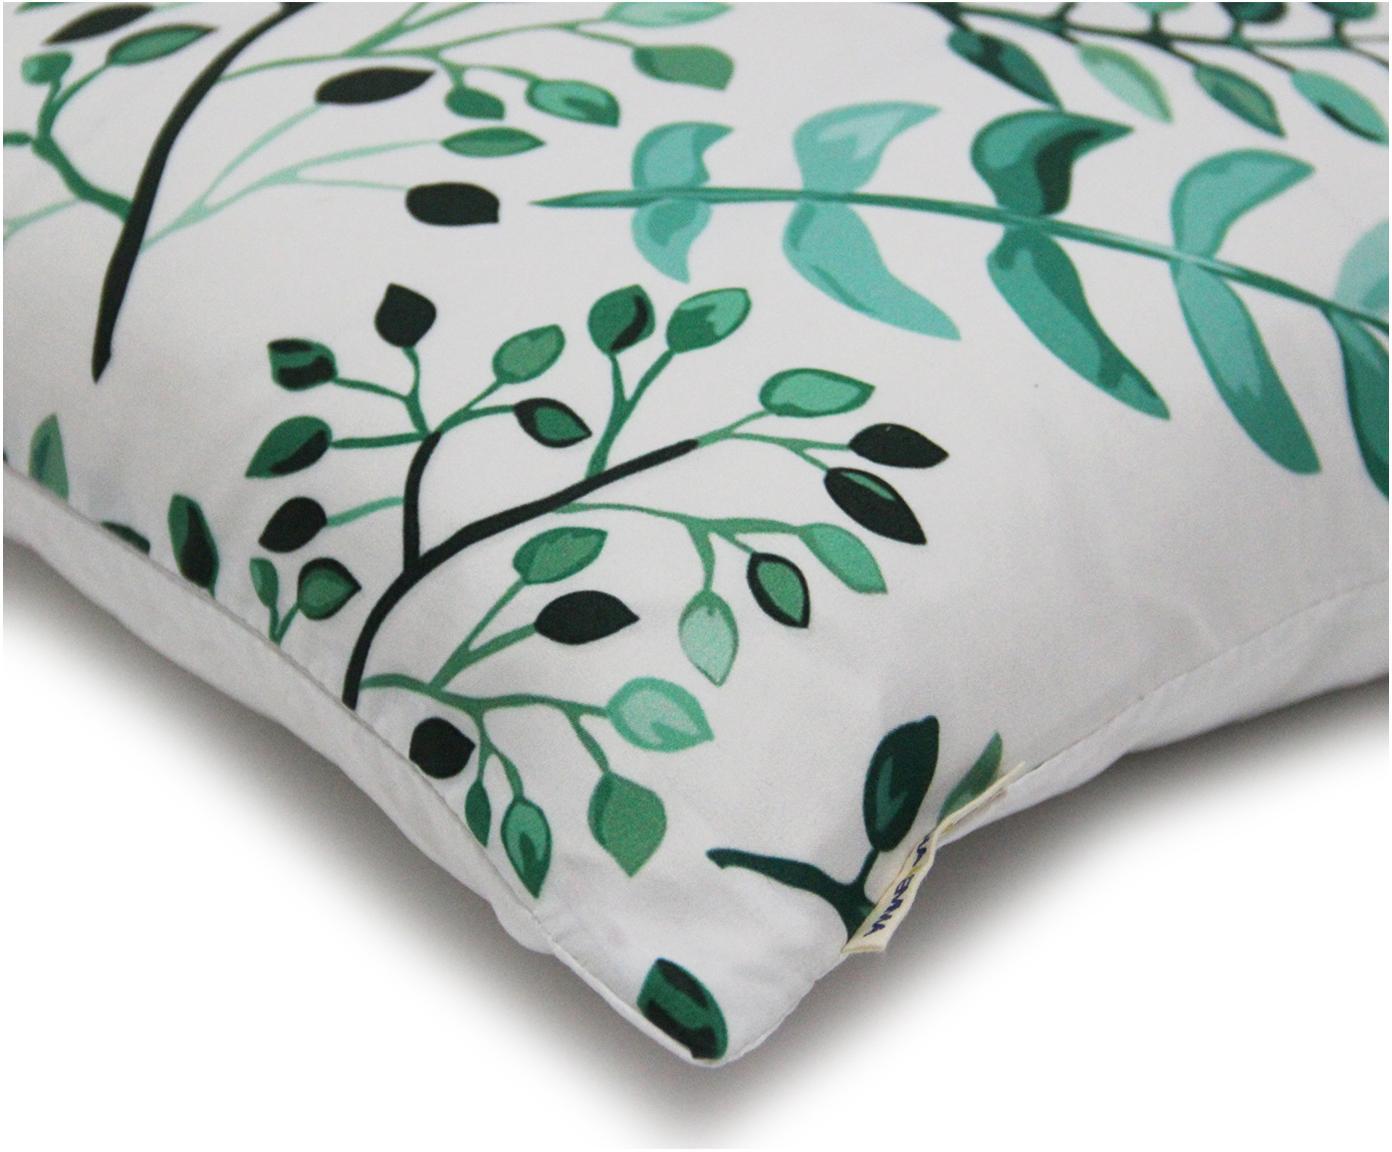 Kussenhoes Leaves met bladpatroon, Polyester, Wit, groentinten, 40 x 40 cm